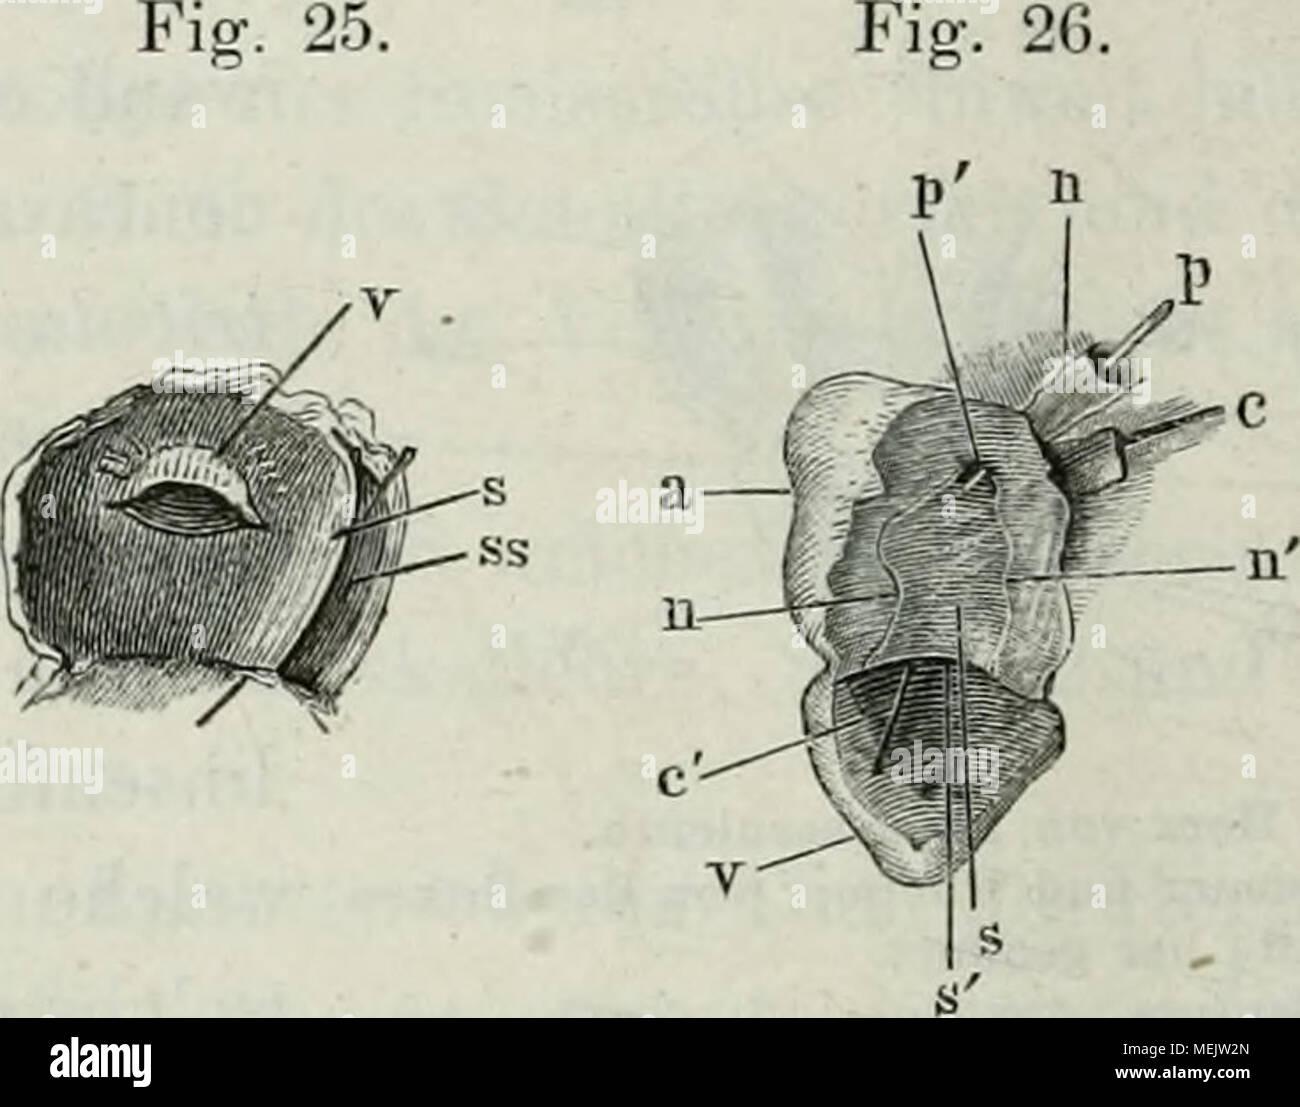 Fantastisch Anatomie Der Inneren Organe Diagramm Galerie ...